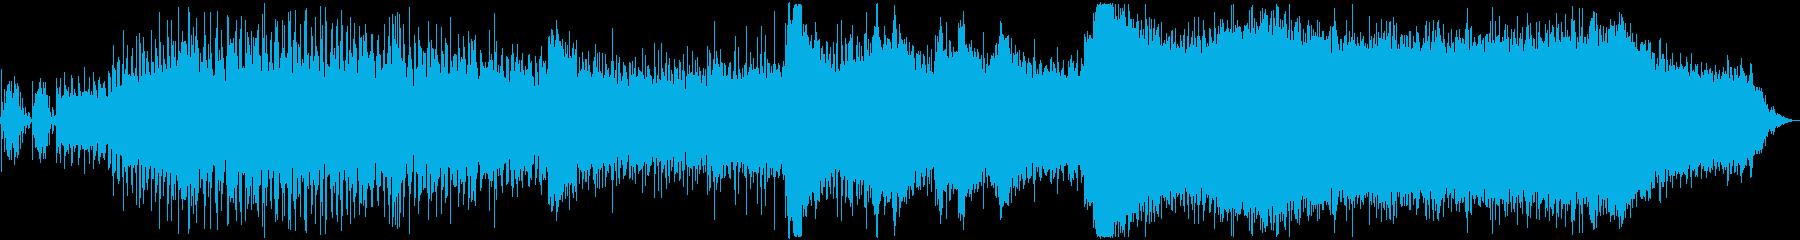 チェーンソー:スタート、ラン、シャ...の再生済みの波形